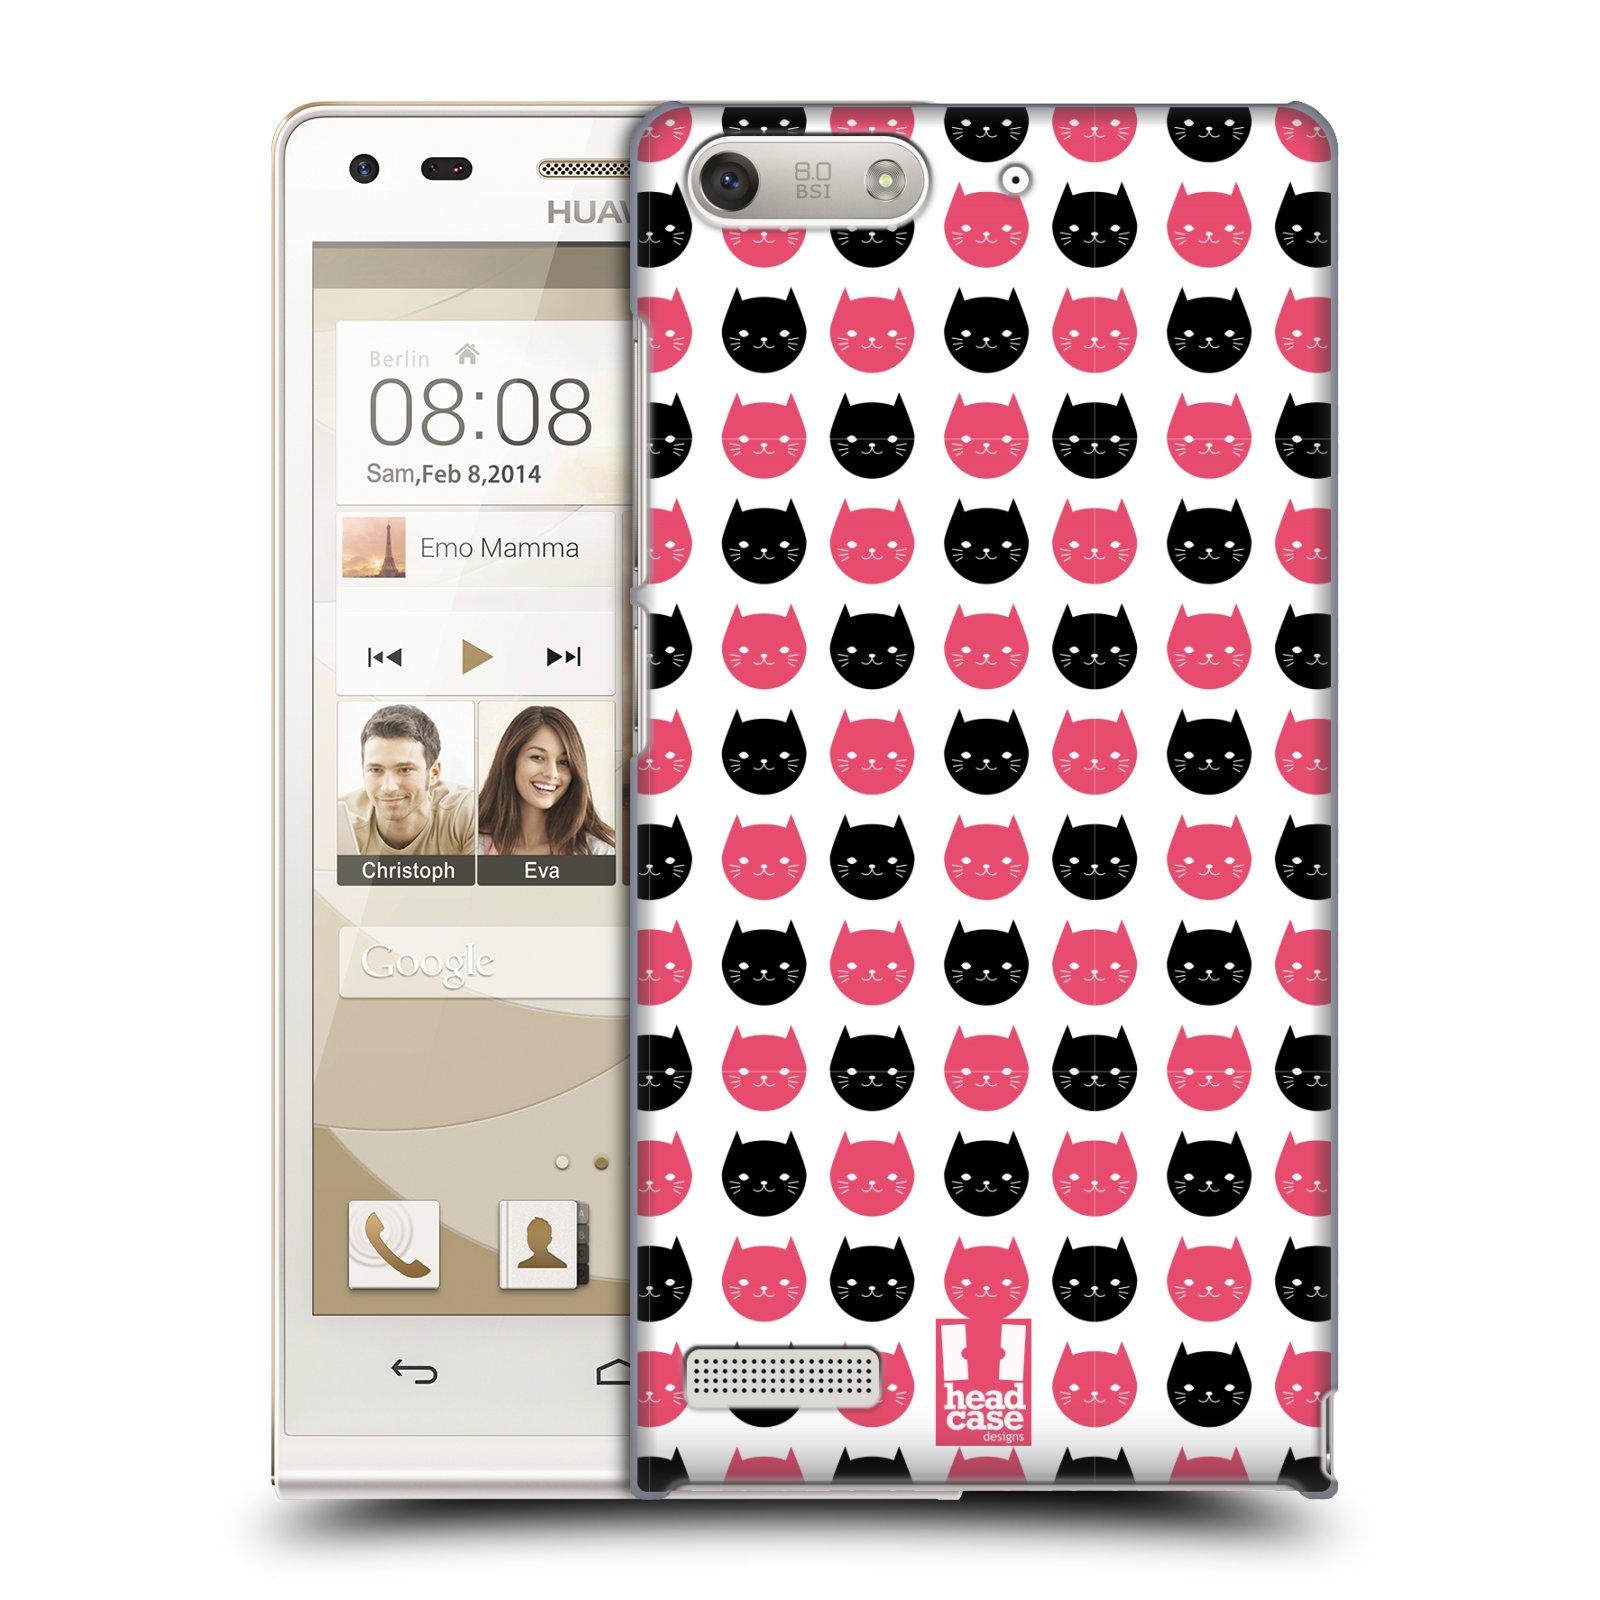 Plastové pouzdro na mobil Huawei Ascend G6 HEAD CASE KOČKY Black and Pink (Kryt či obal na mobilní telefon Huawei Ascend G6 bez LTE)